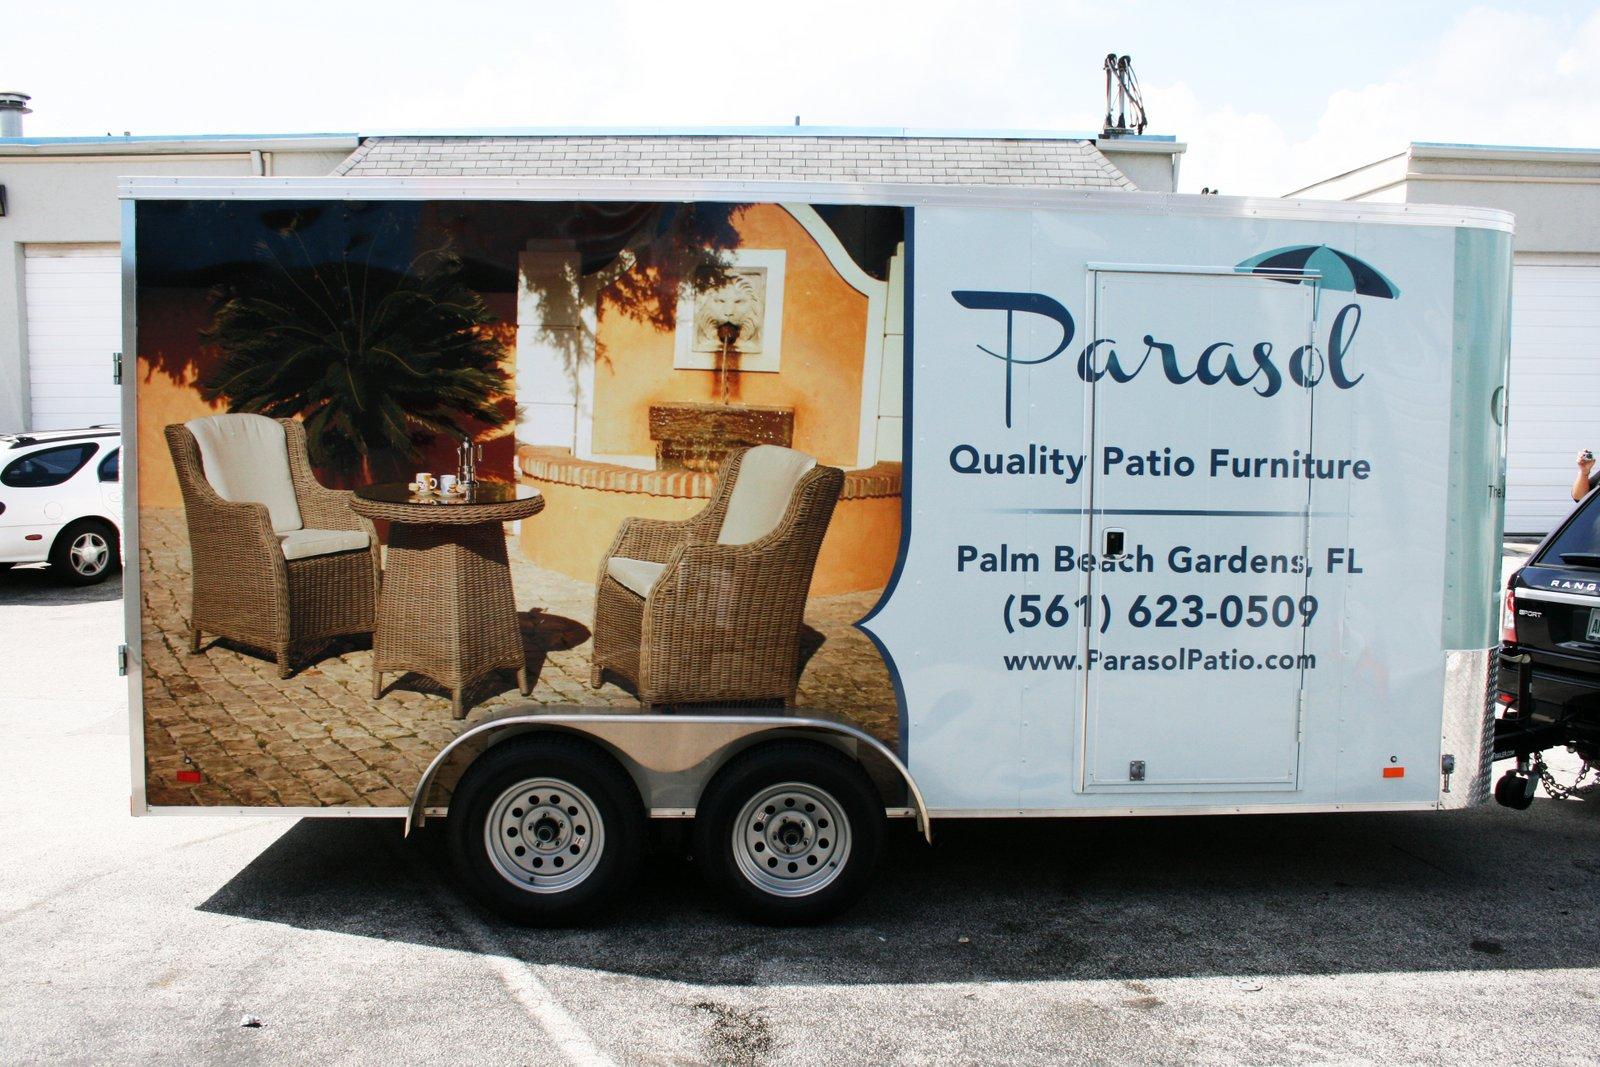 Trailer Wrap Palm Beach Gardens Fl For Parasol Patio